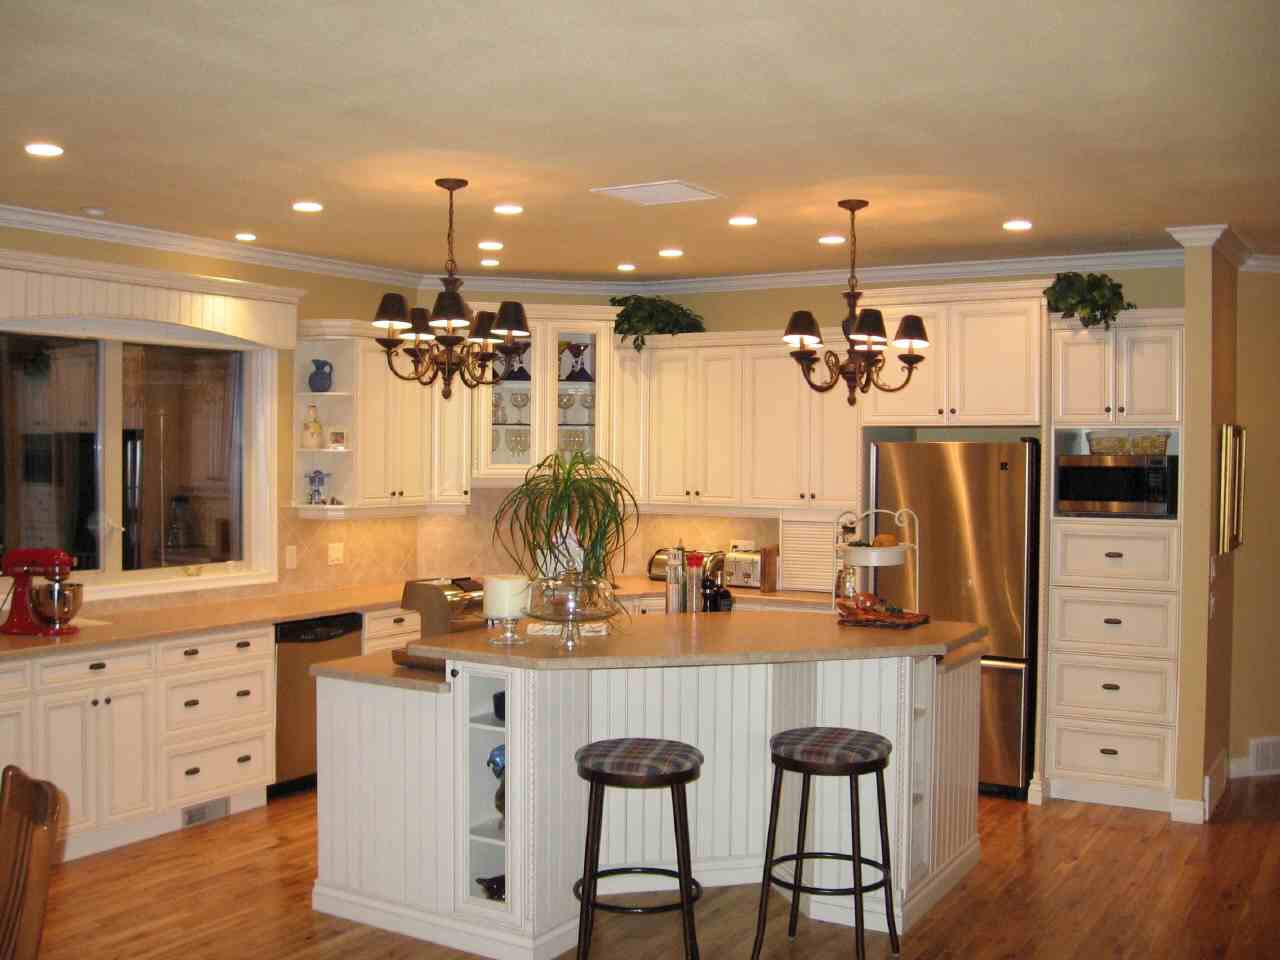 Kitchen decorating theme ideas photo - 1